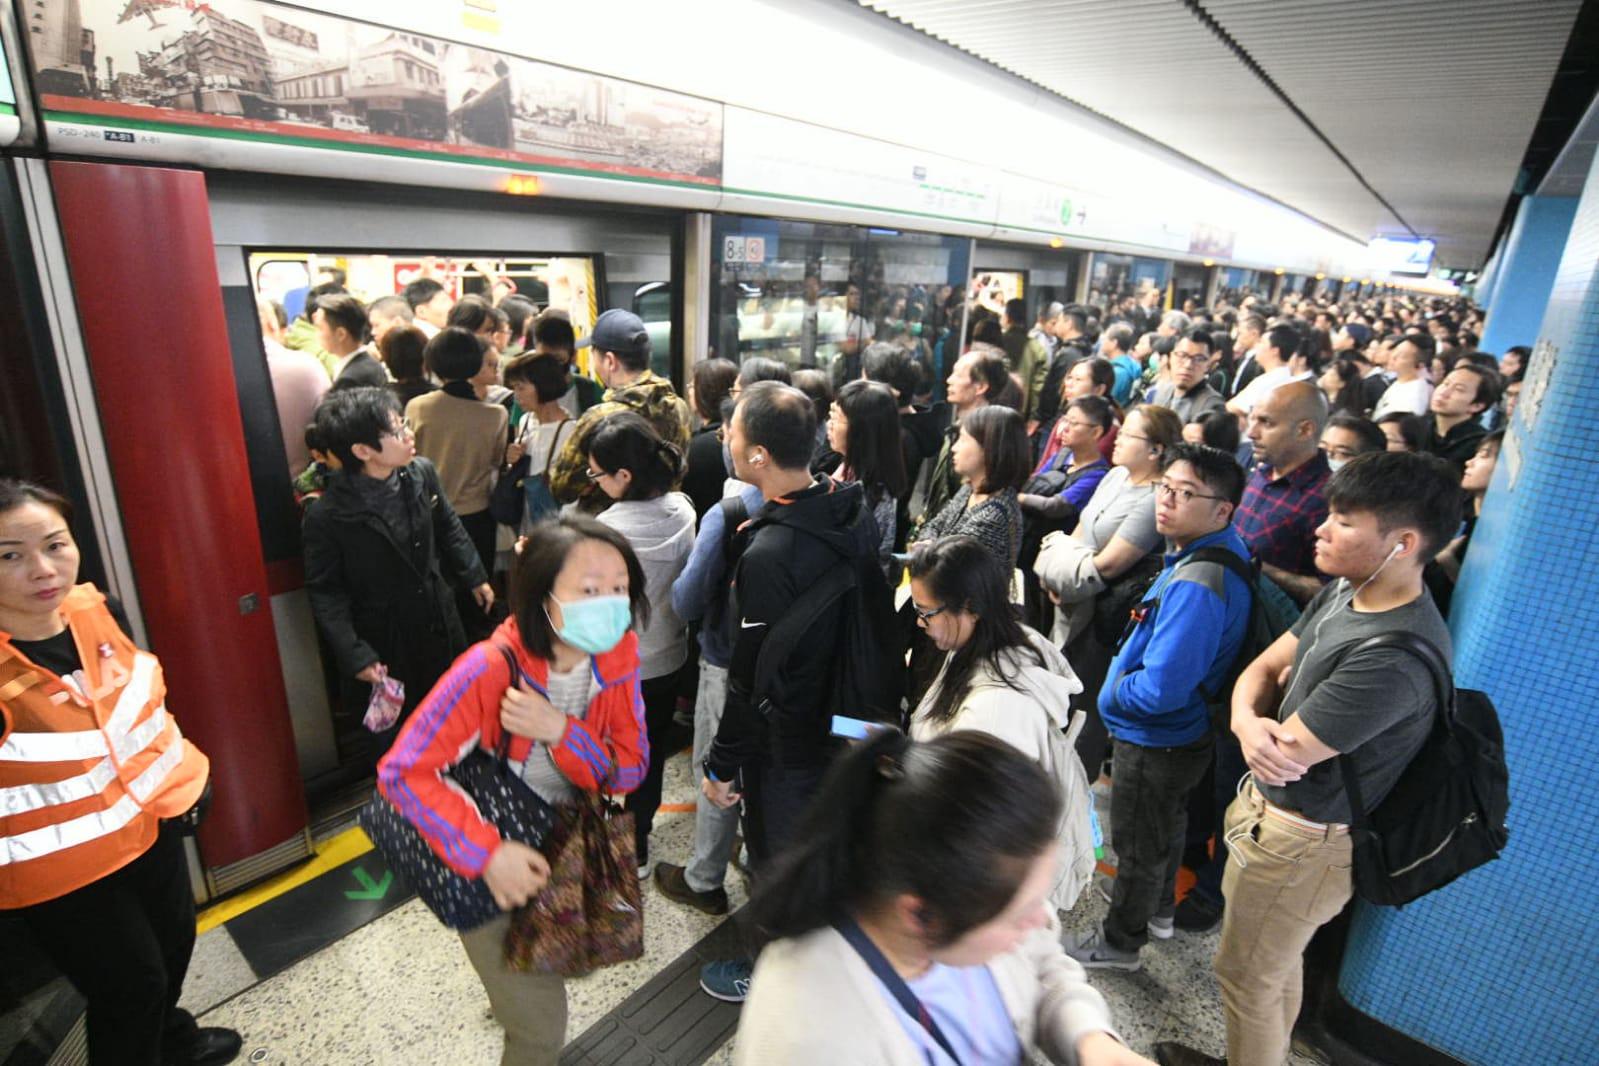 全港中小學停課今復課,有網民重啟「黎明行動」,早上交通混亂。